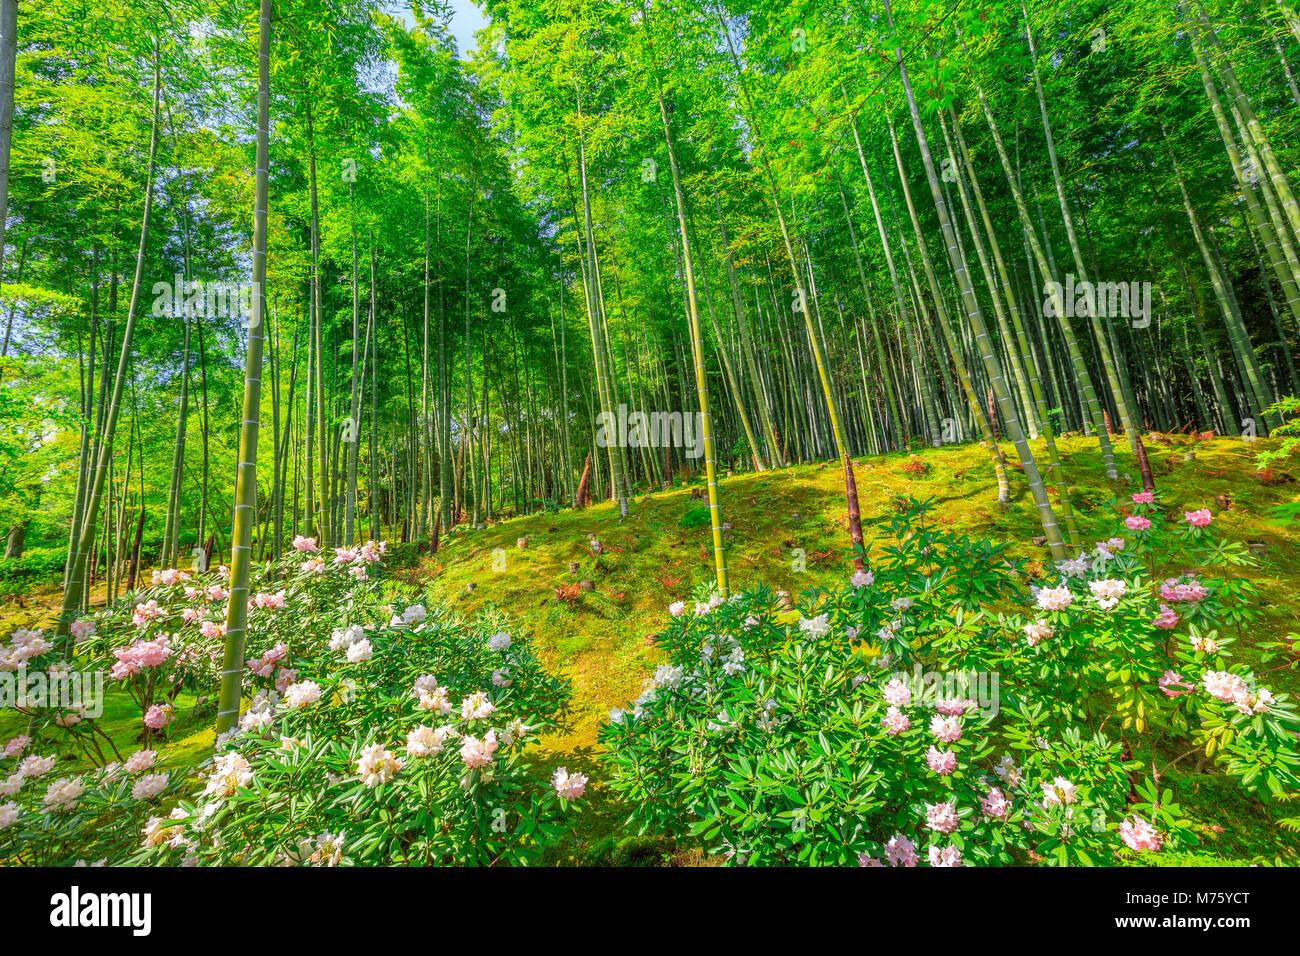 Fleur Jardin Japonais Pres De Foret De Bambou De Tenryu Ji Temple